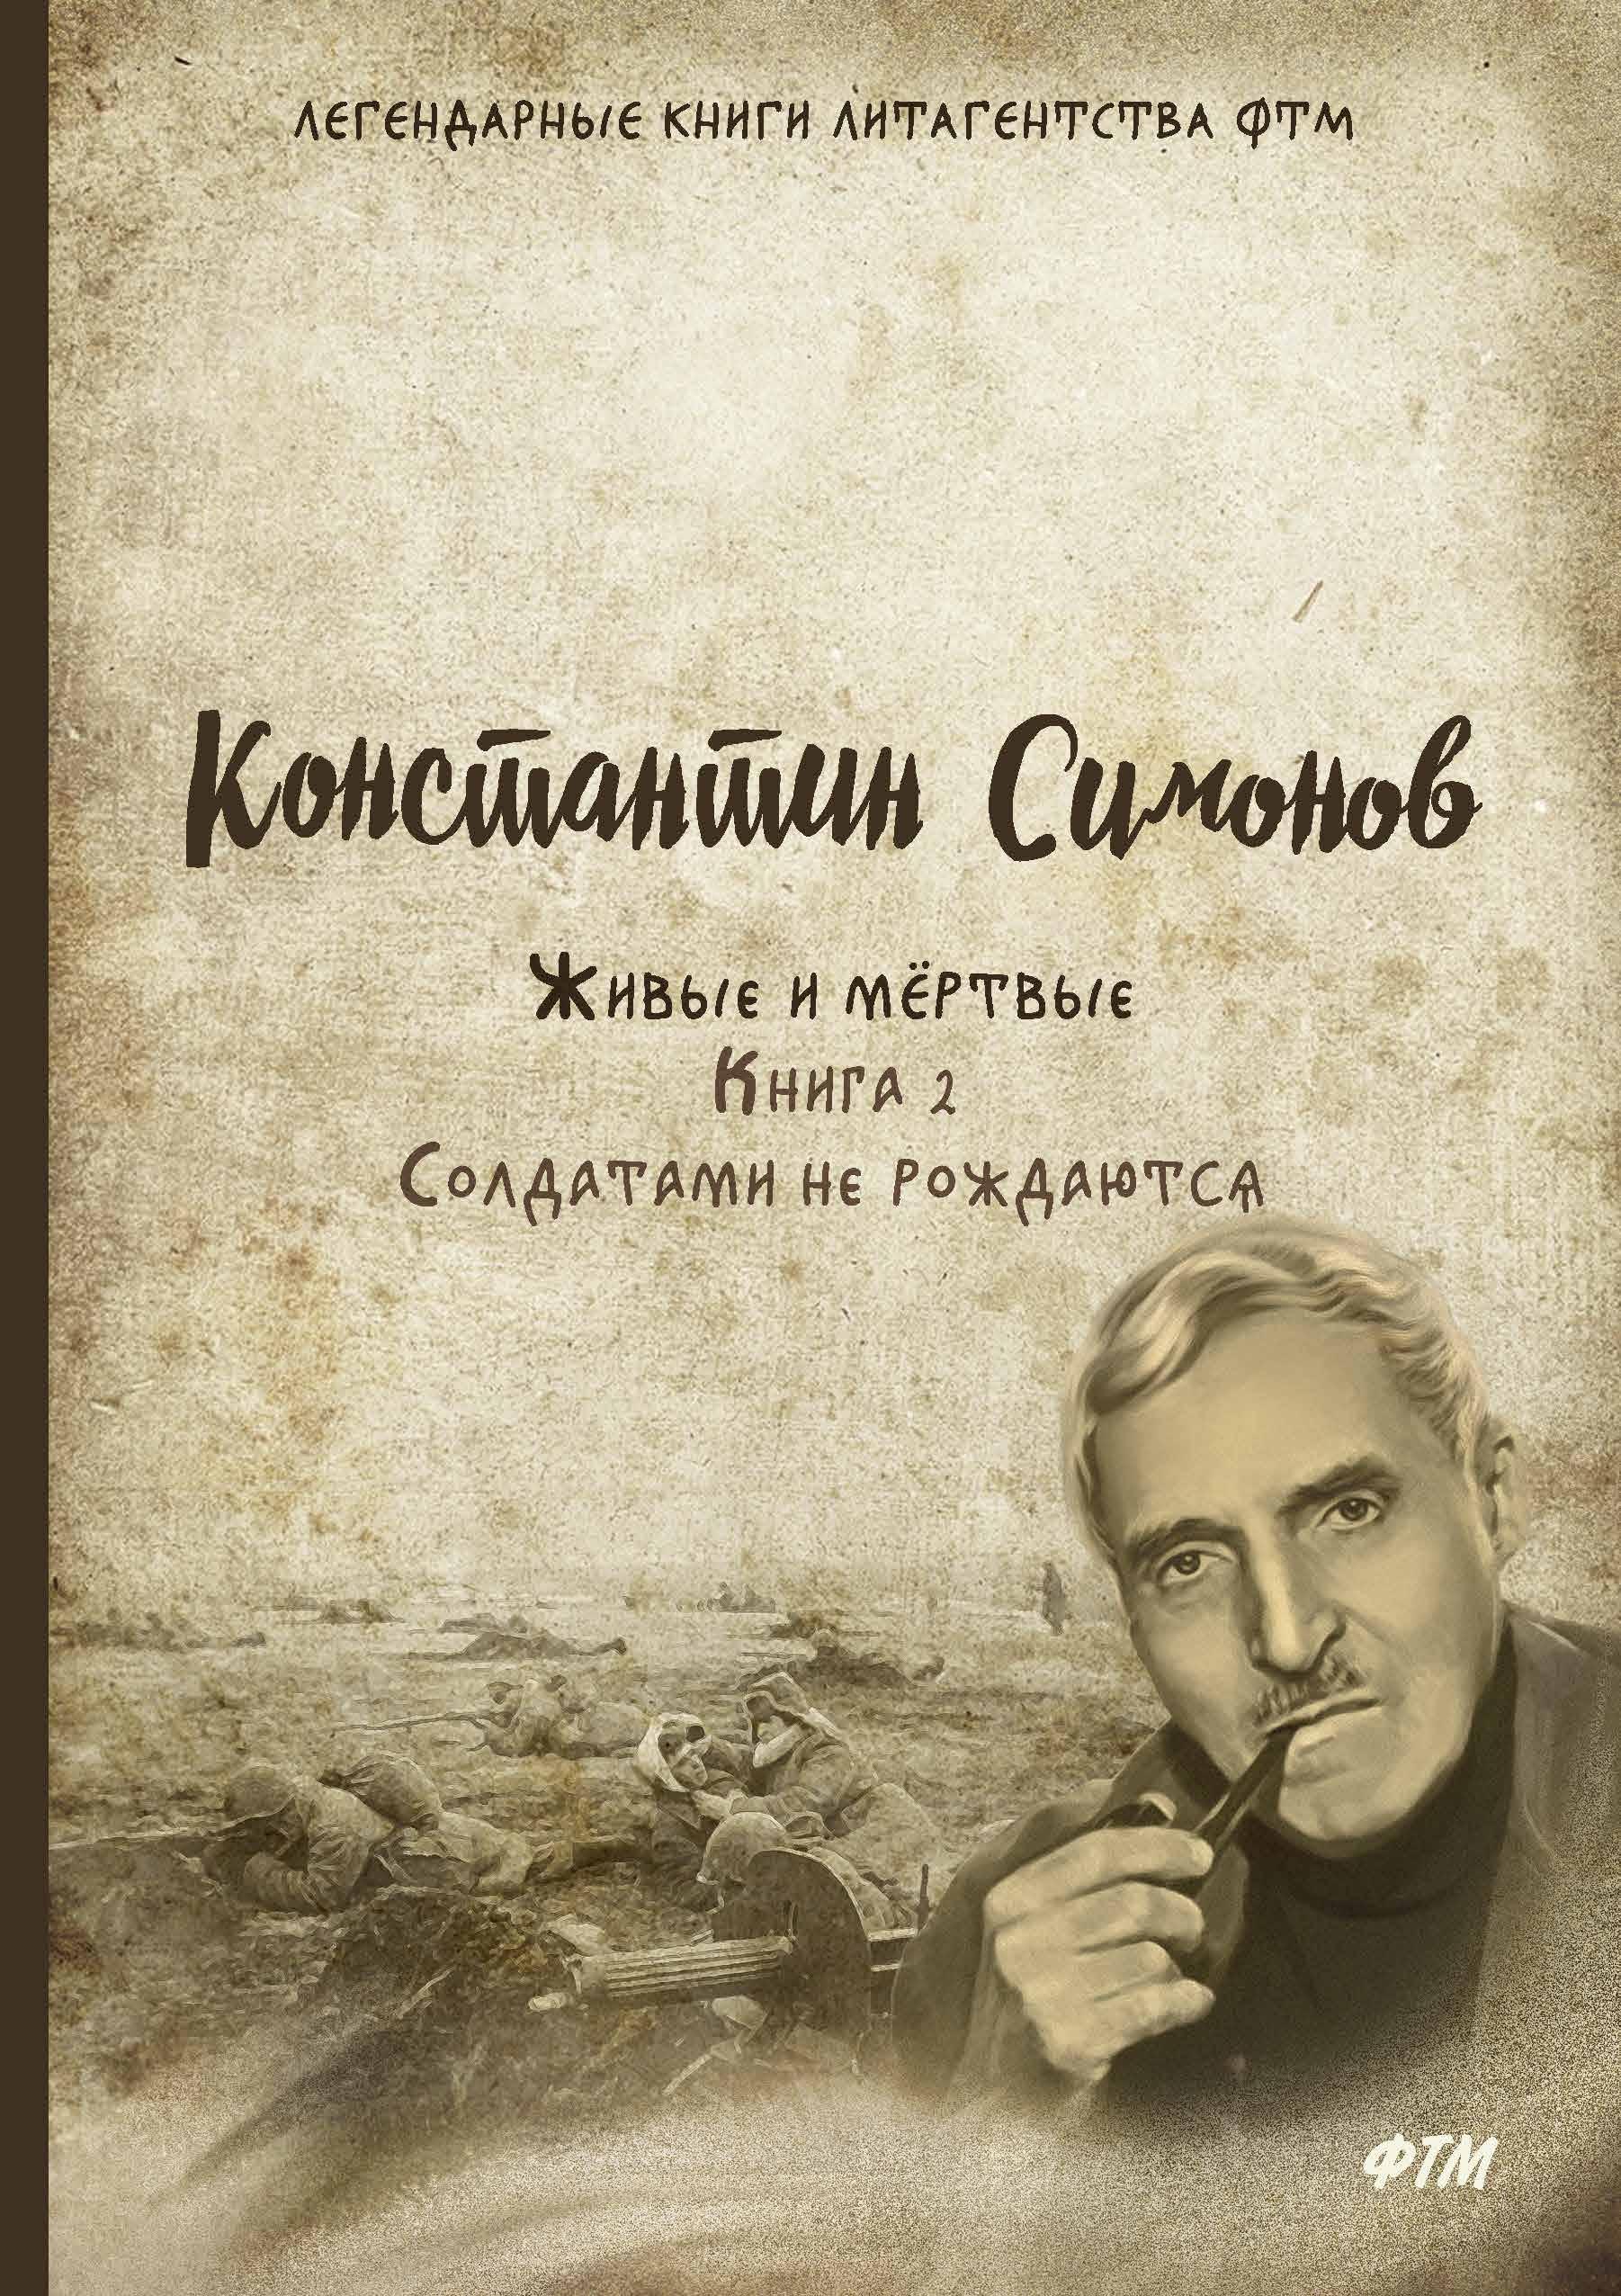 Константин Симоно и мёртые. Книга 2. Солдатами не рождаются